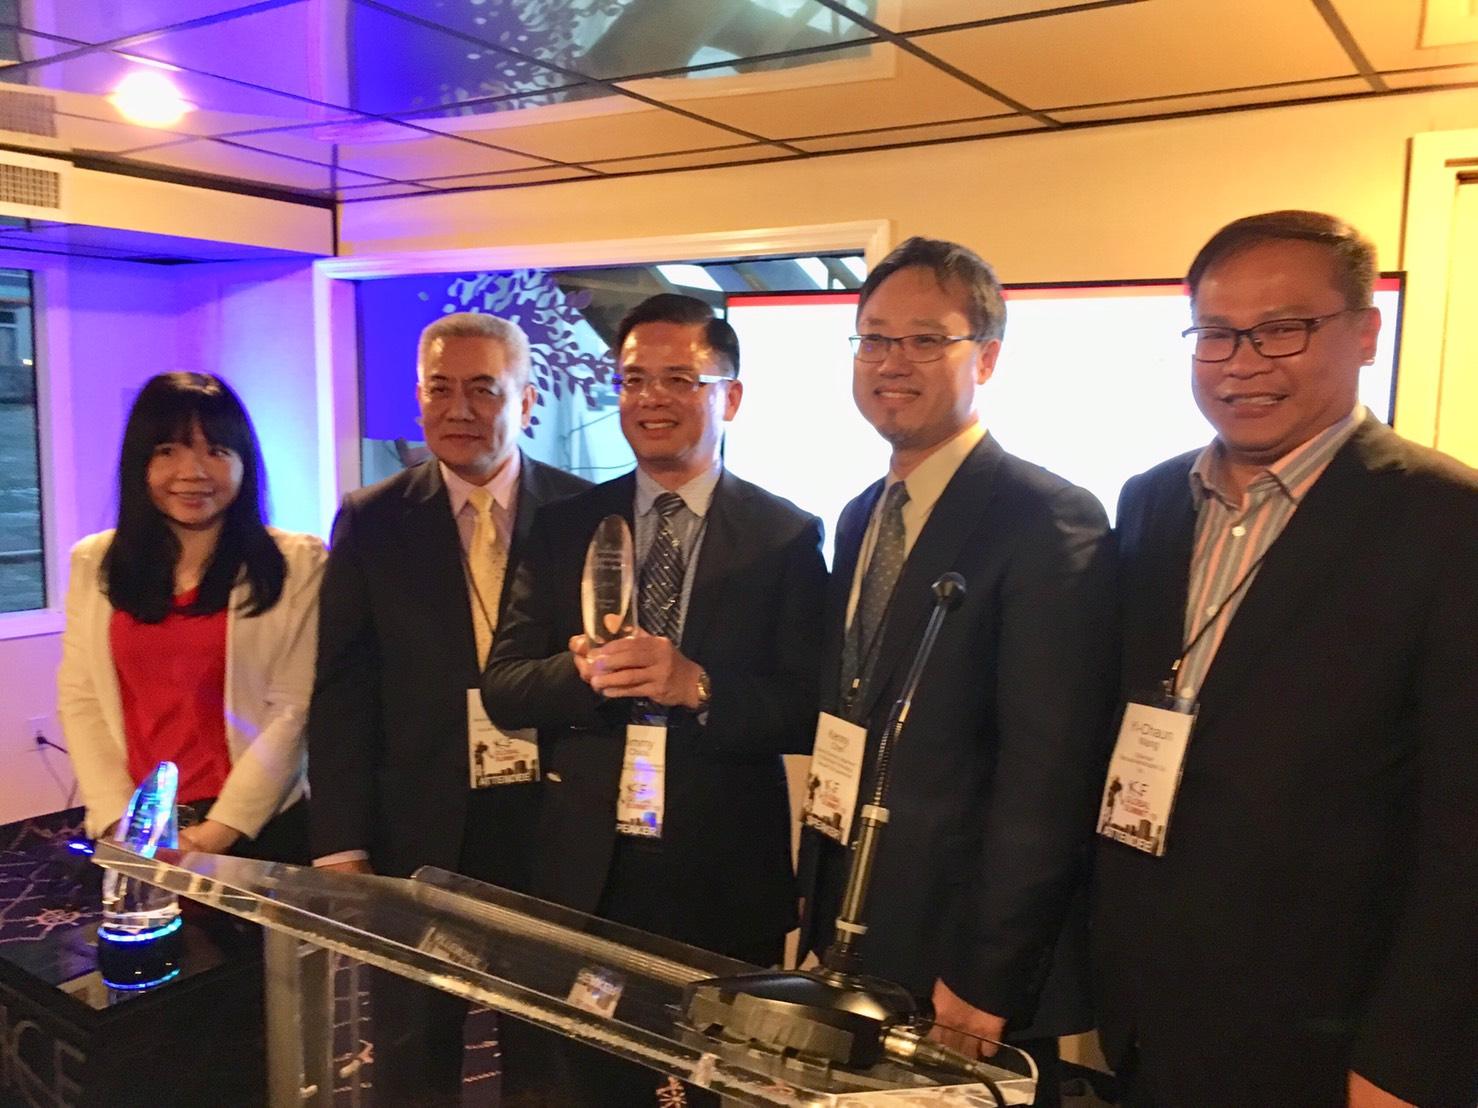 「2019全球年度智慧城市」首獎,由桃園市政府邱俊銘副秘書長與其他市府團隊成員合影